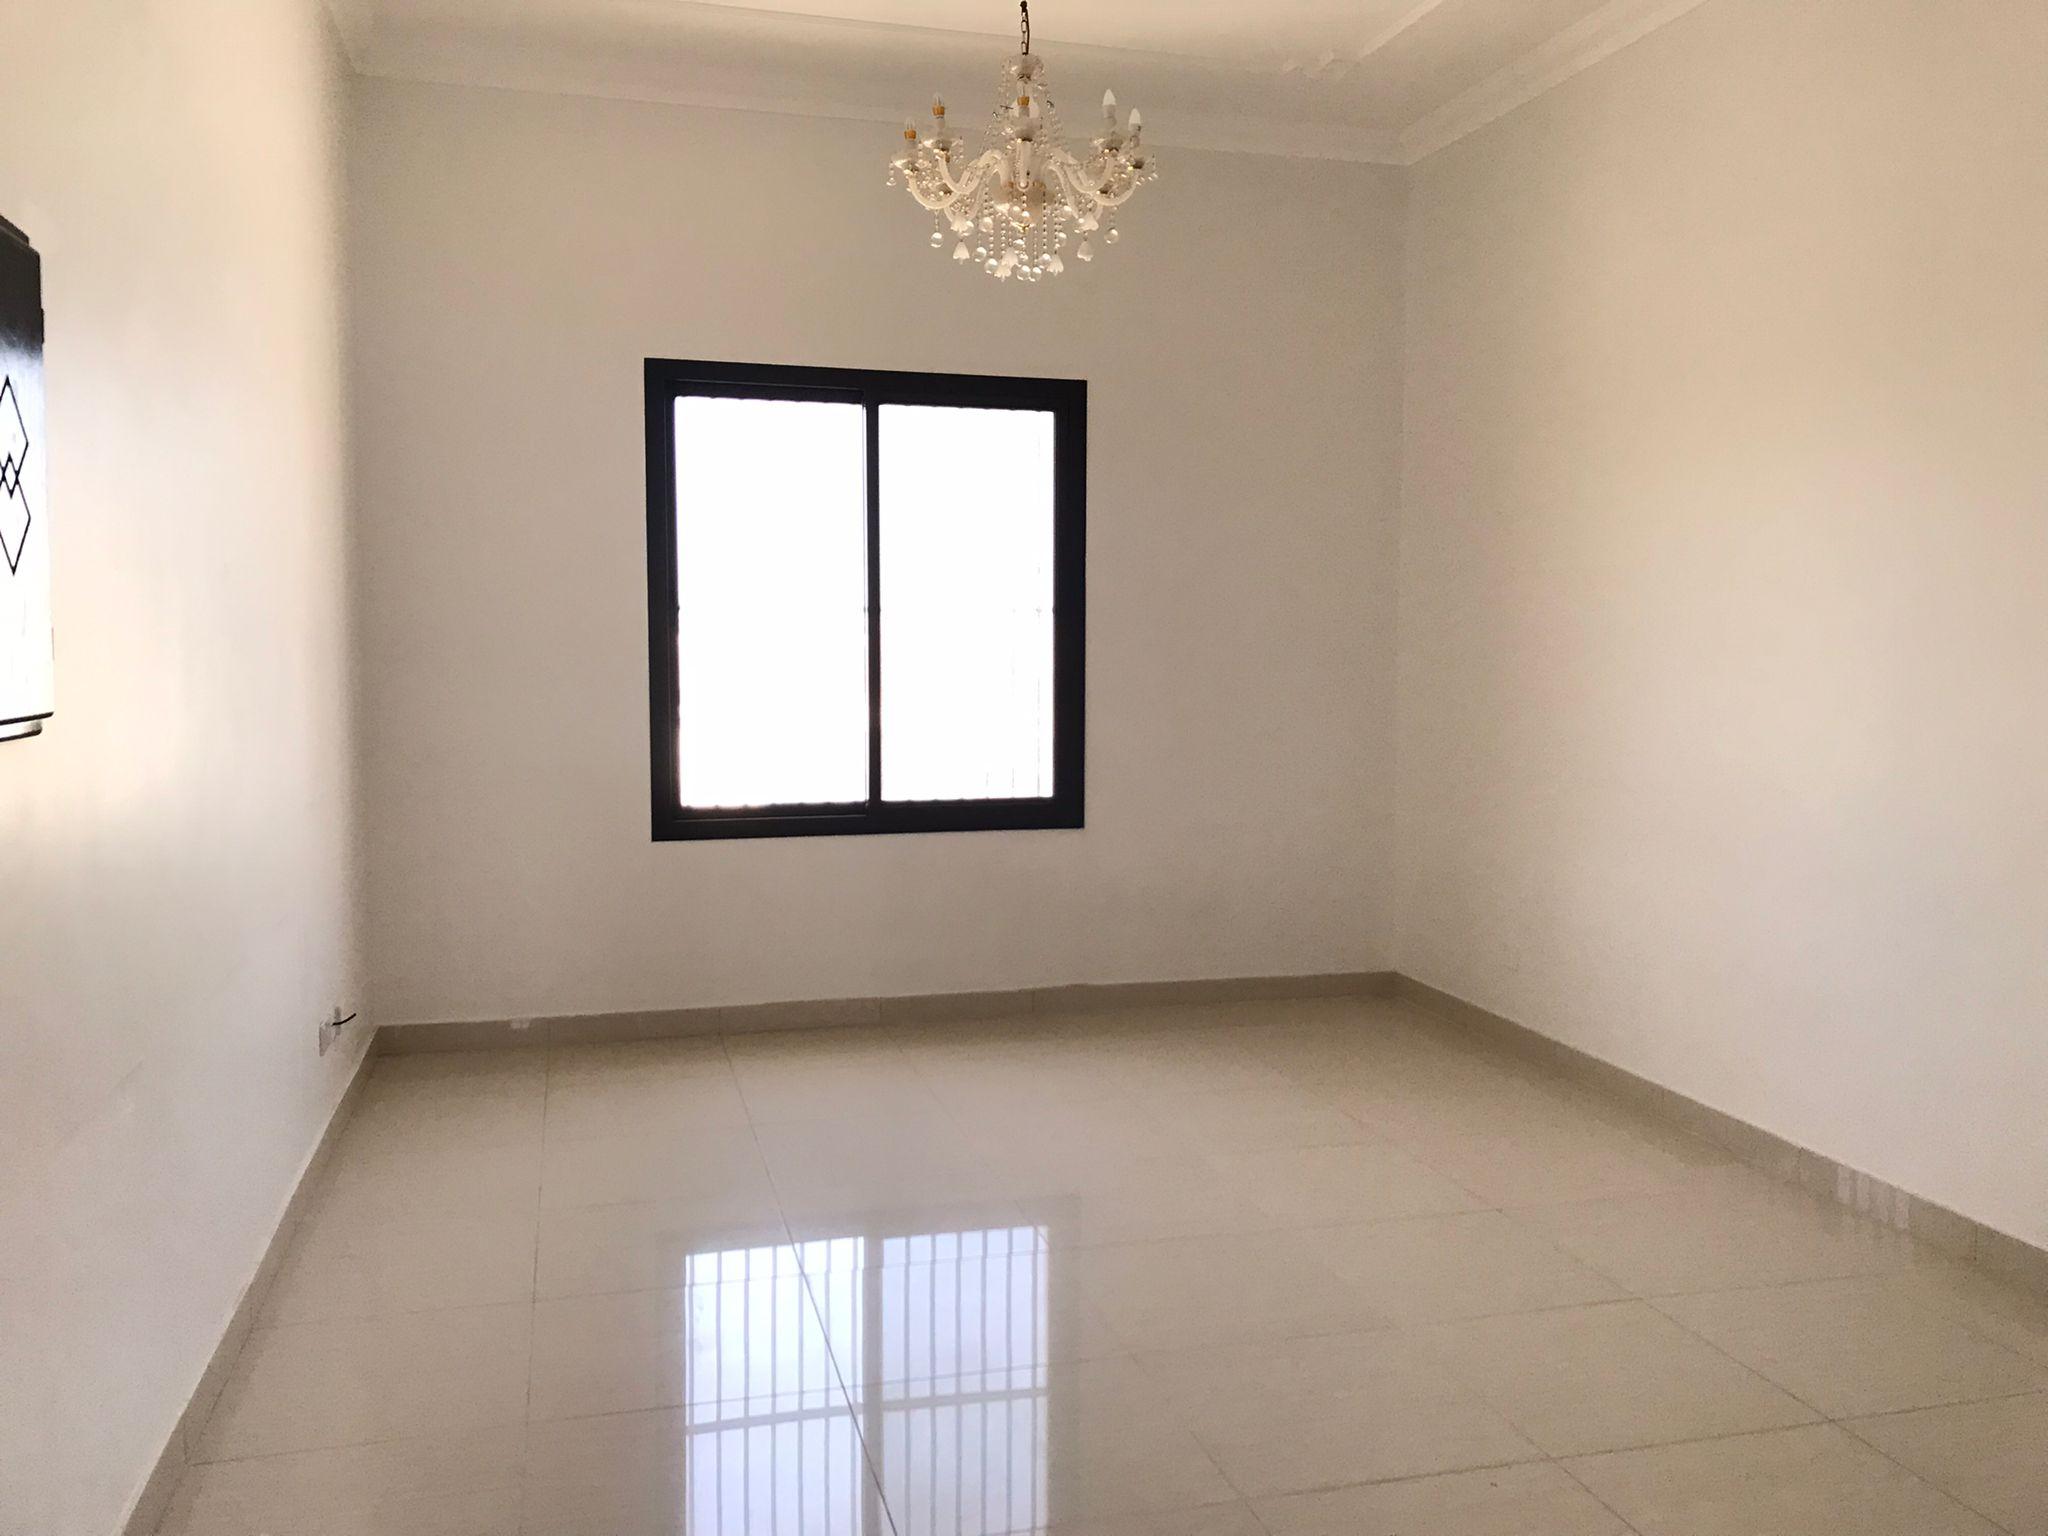 For rent a flat in Saar Ref: SAA-AZ-011